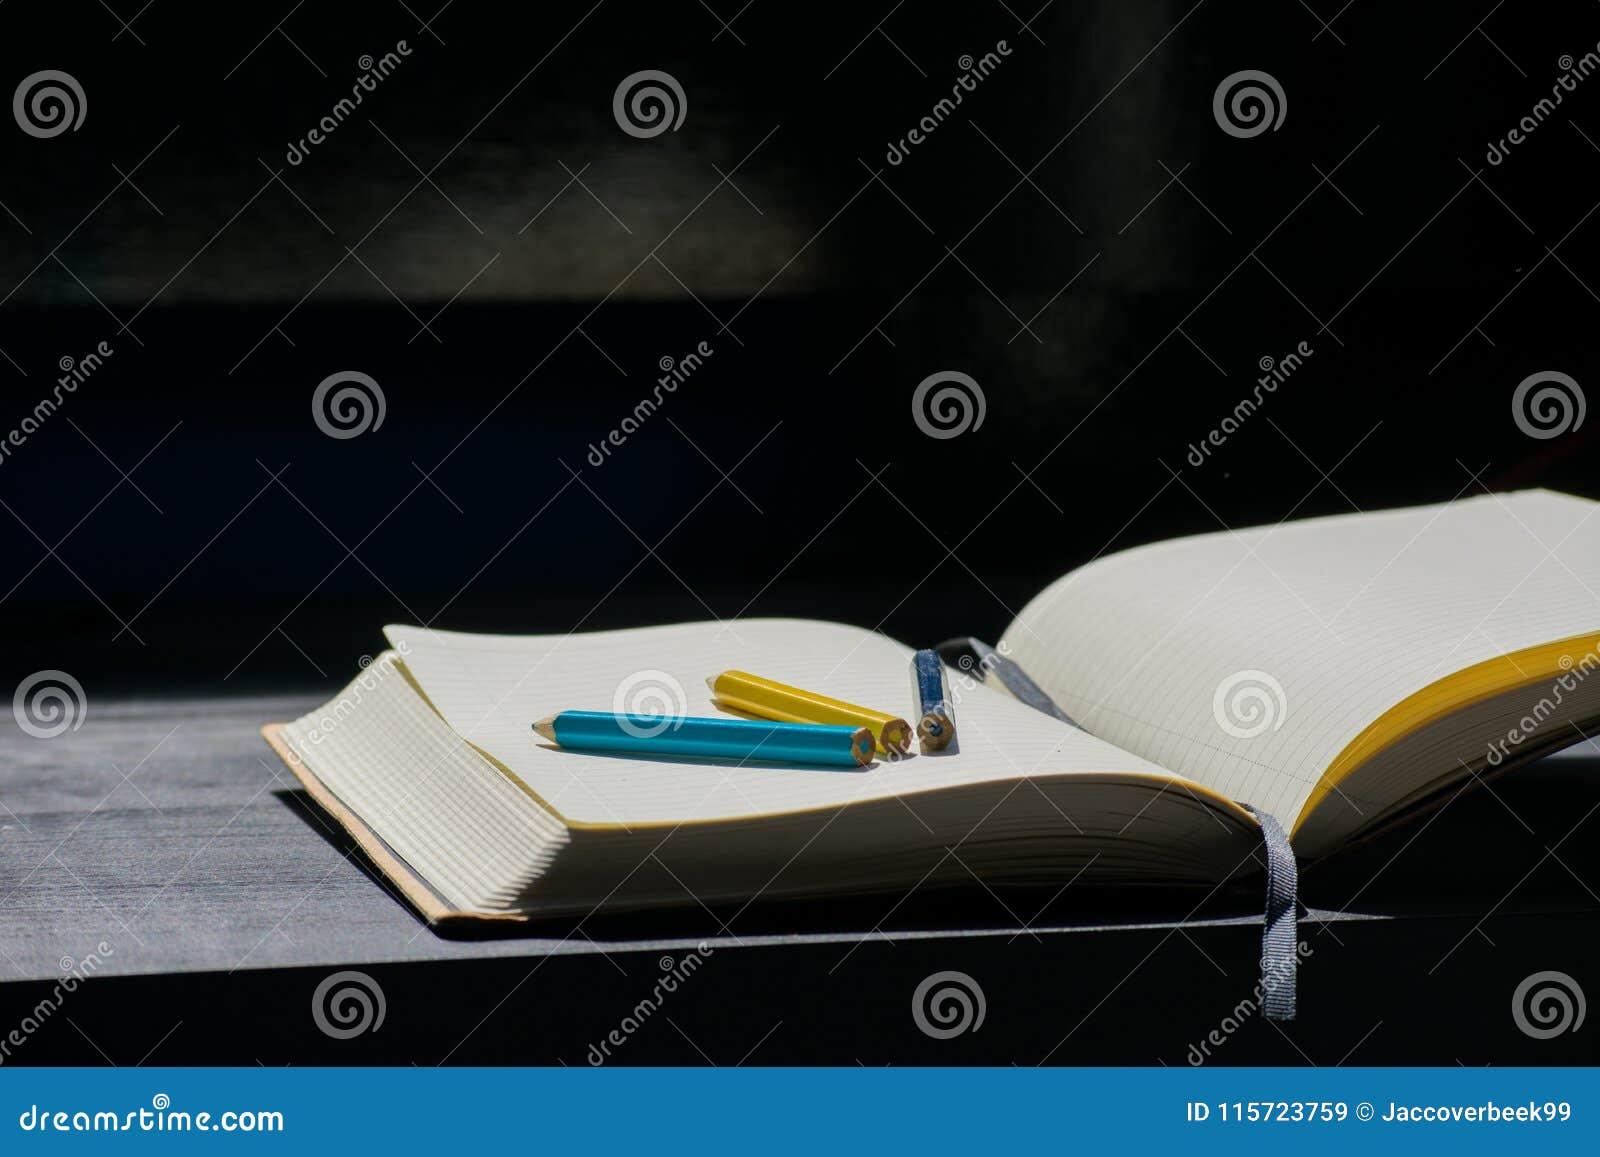 Terug naar van het het Kleurpotloodpotlood van Schoolnoteblock de Kleuren Blauw Geel Notitieboekje